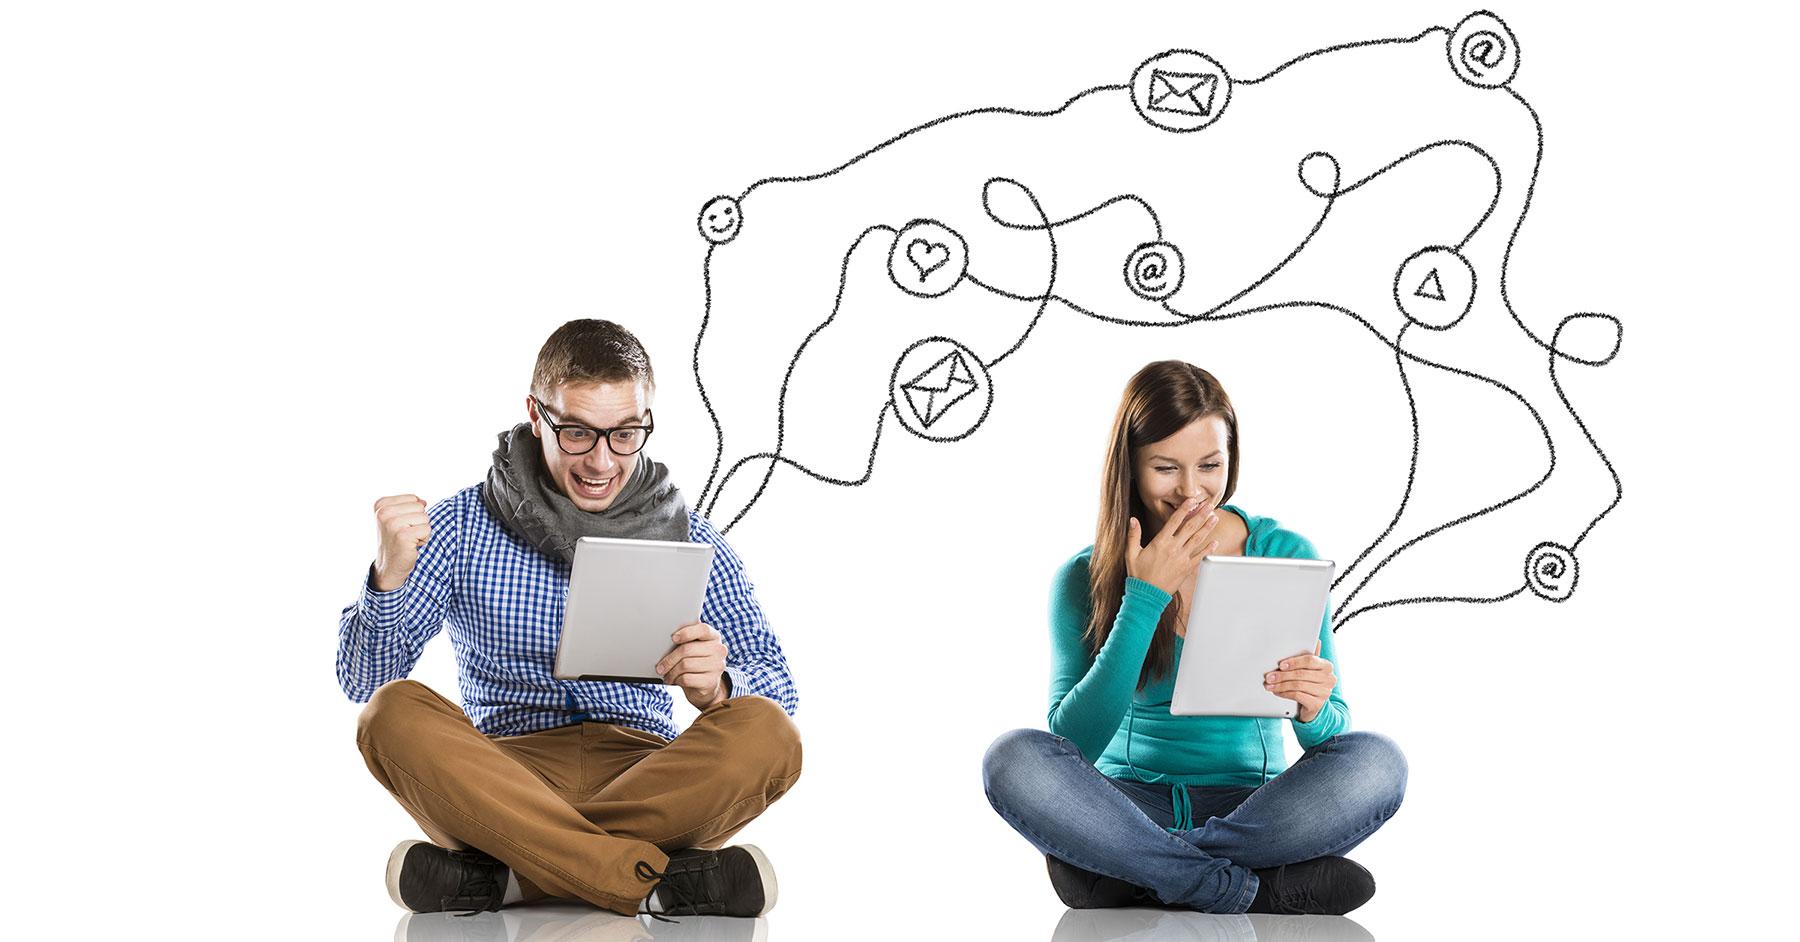 Social Distancing on Social Media